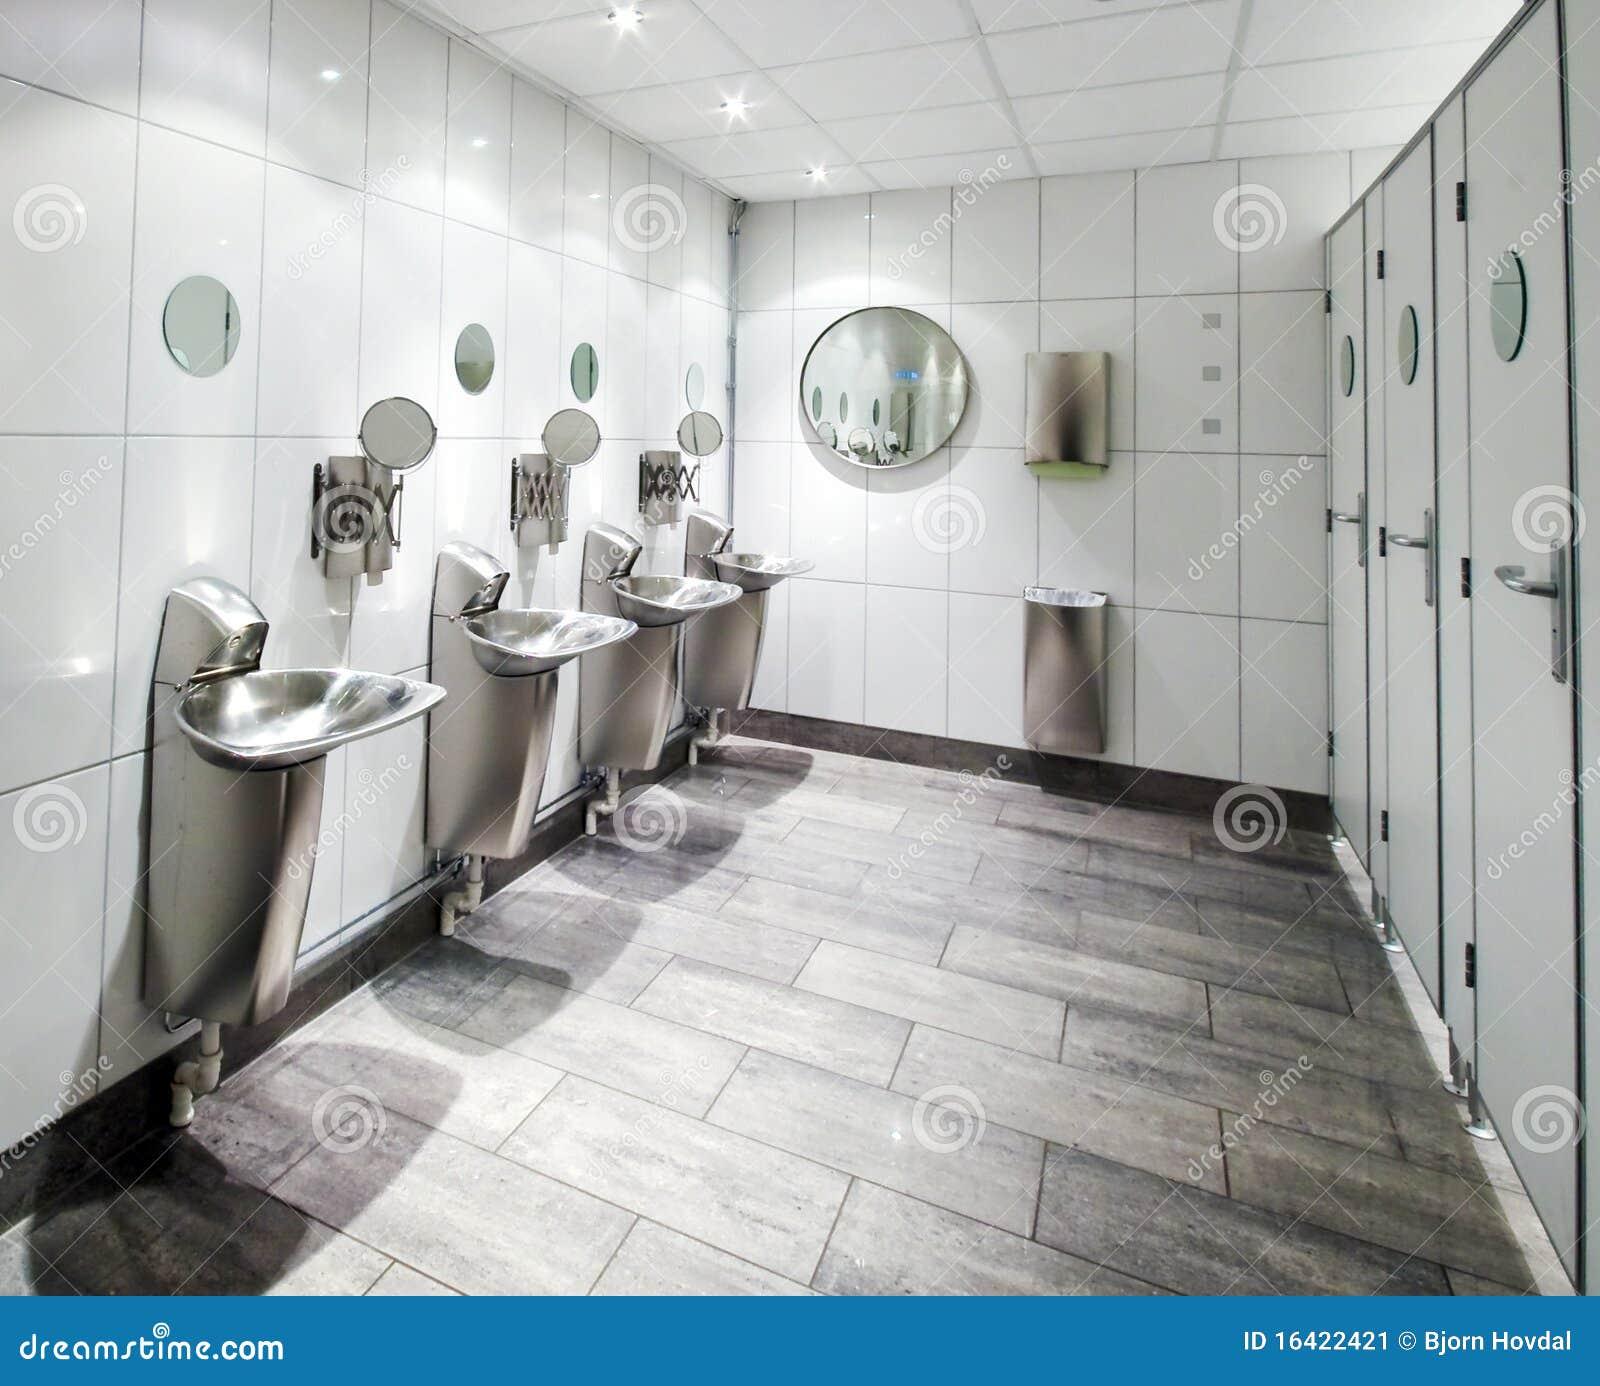 Public Toilet Stock Image Image 16422421